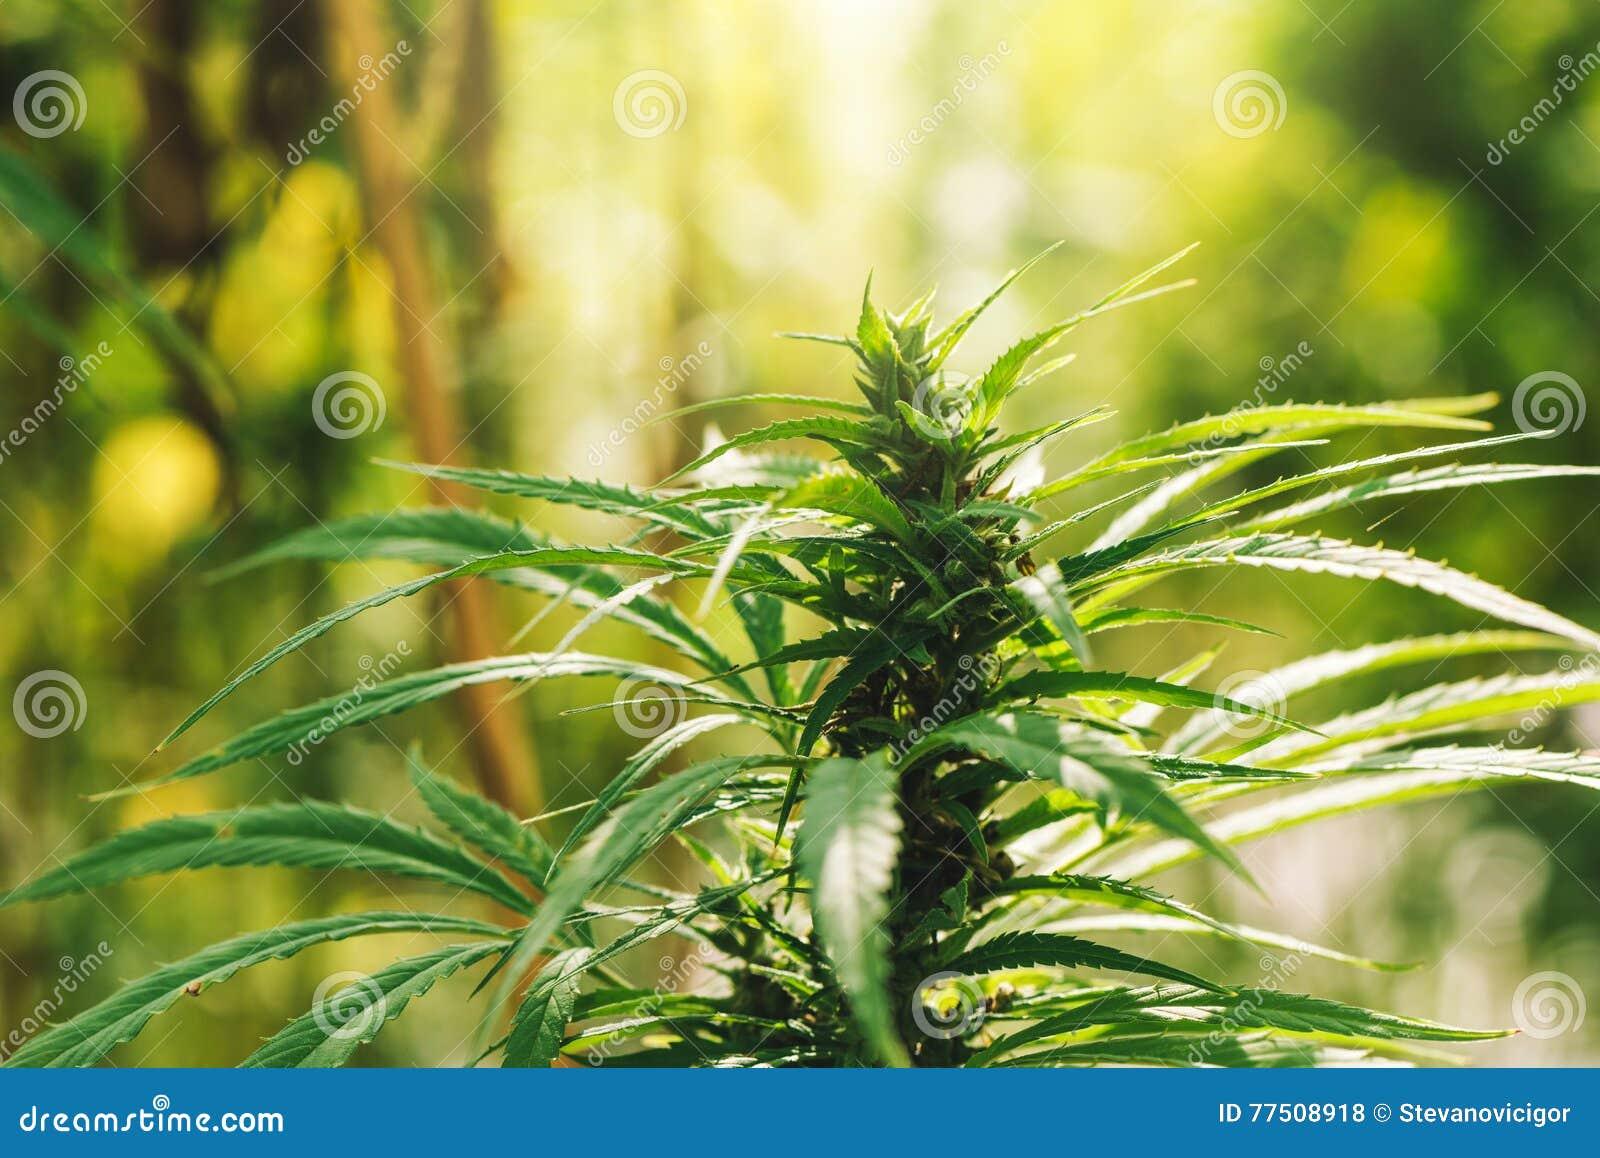 Cultivated industrial marijuana hemp in field